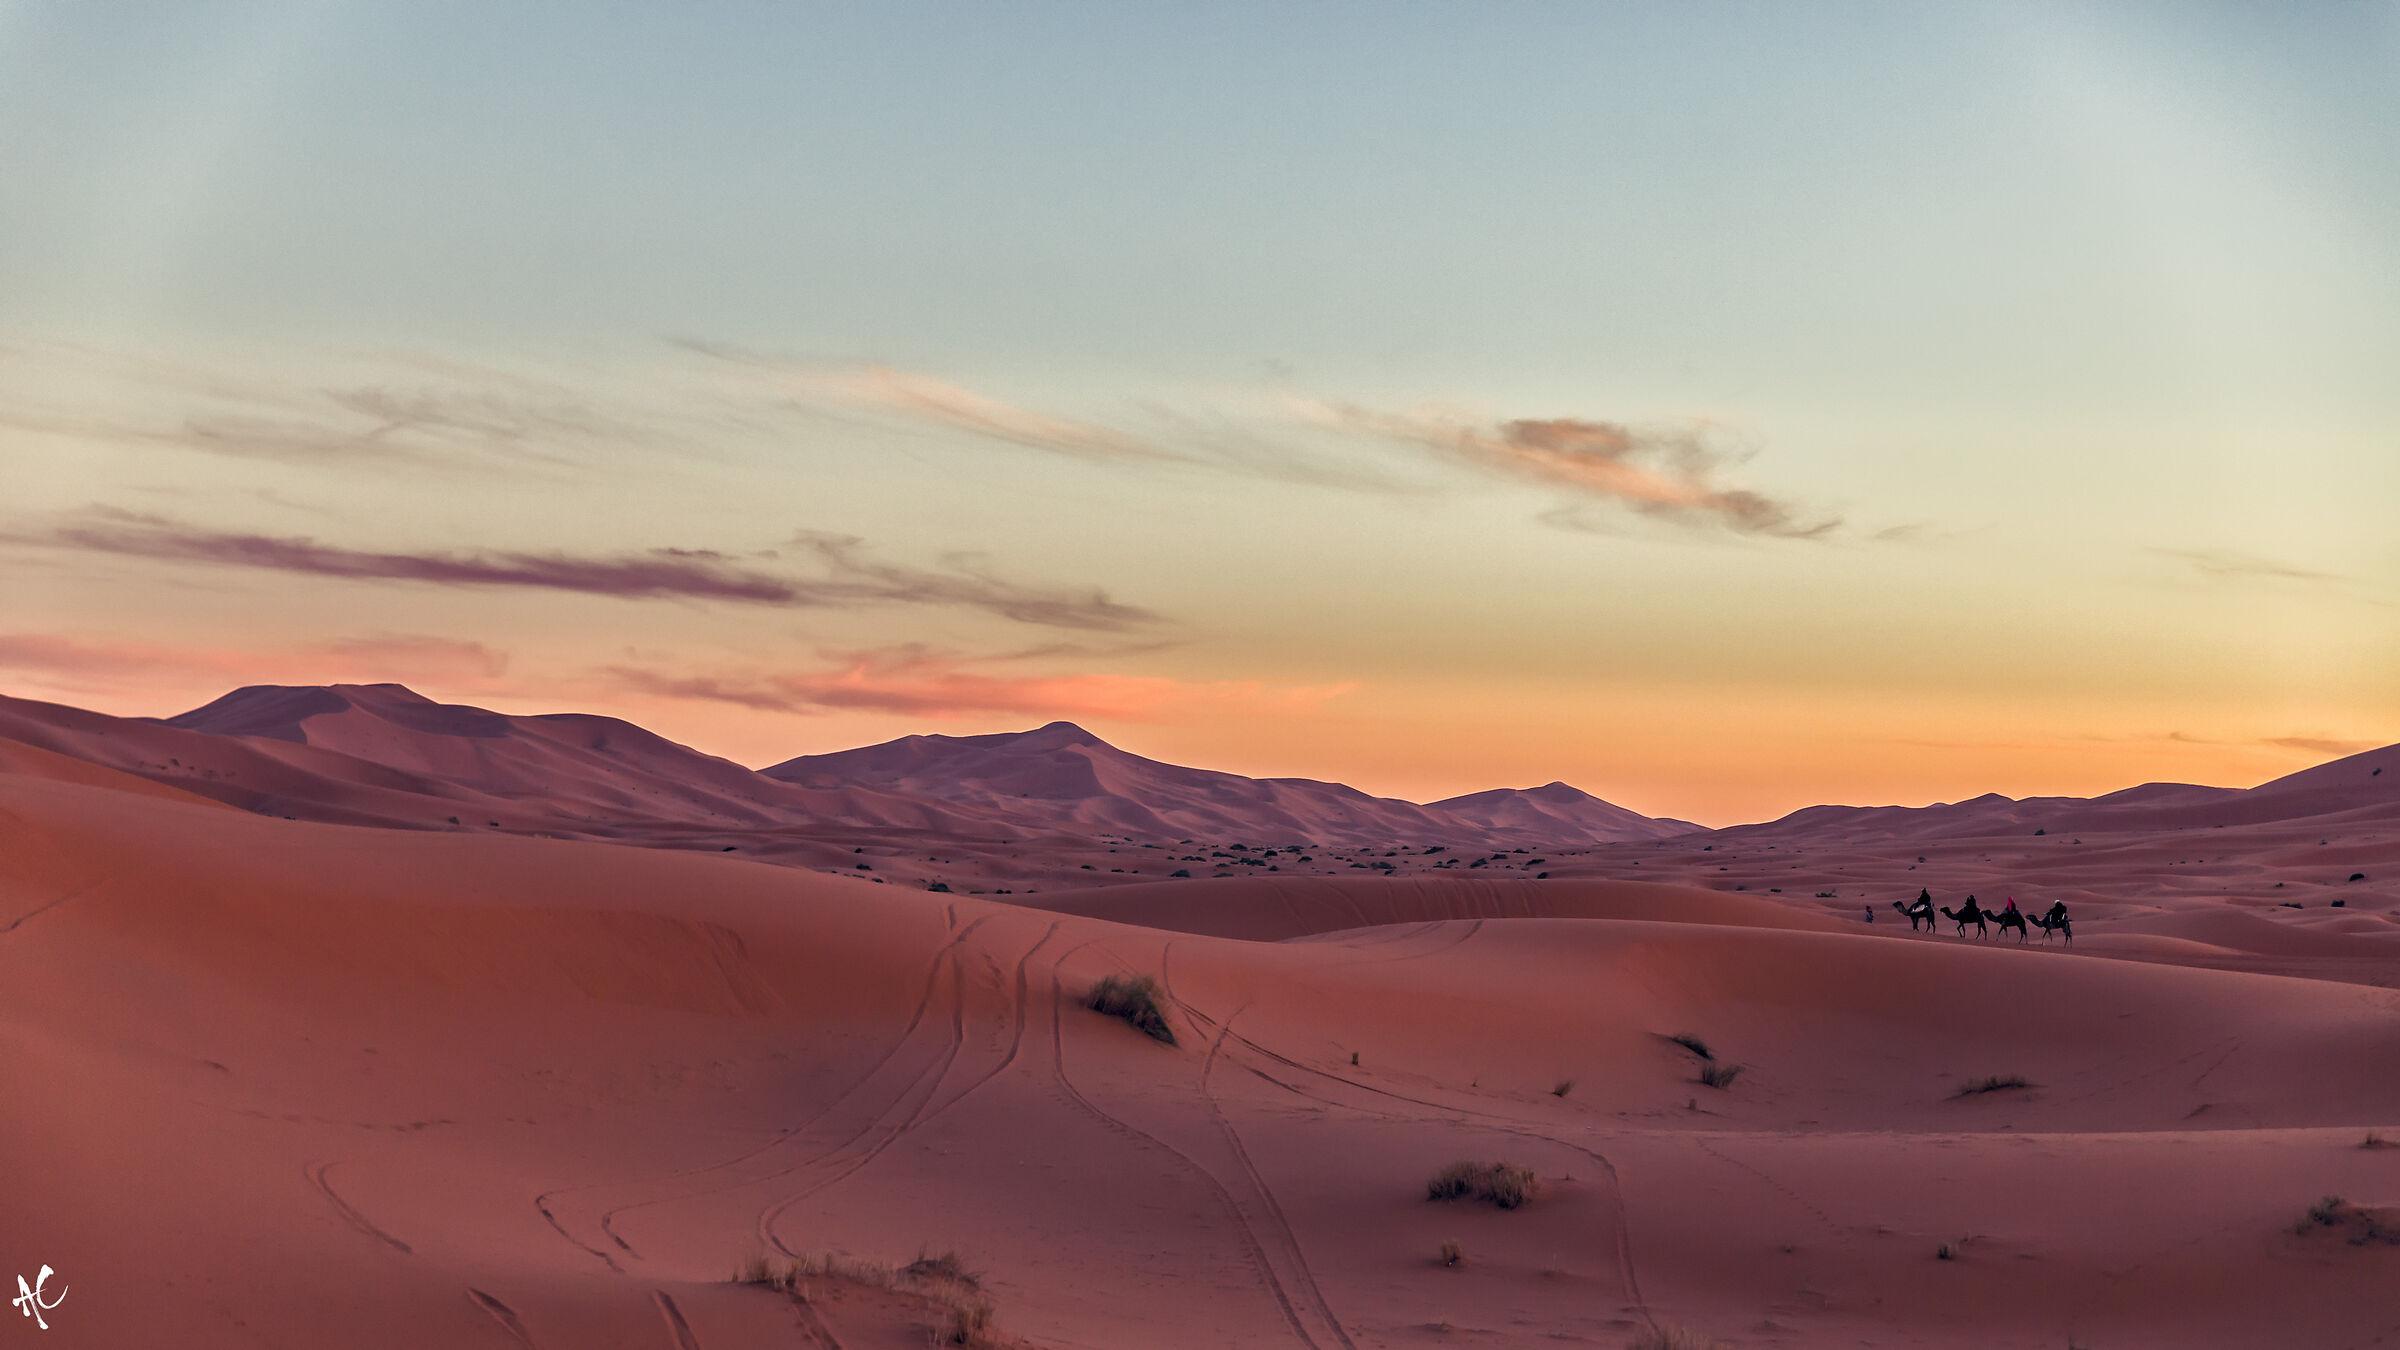 Nel deserto, al tramonto...